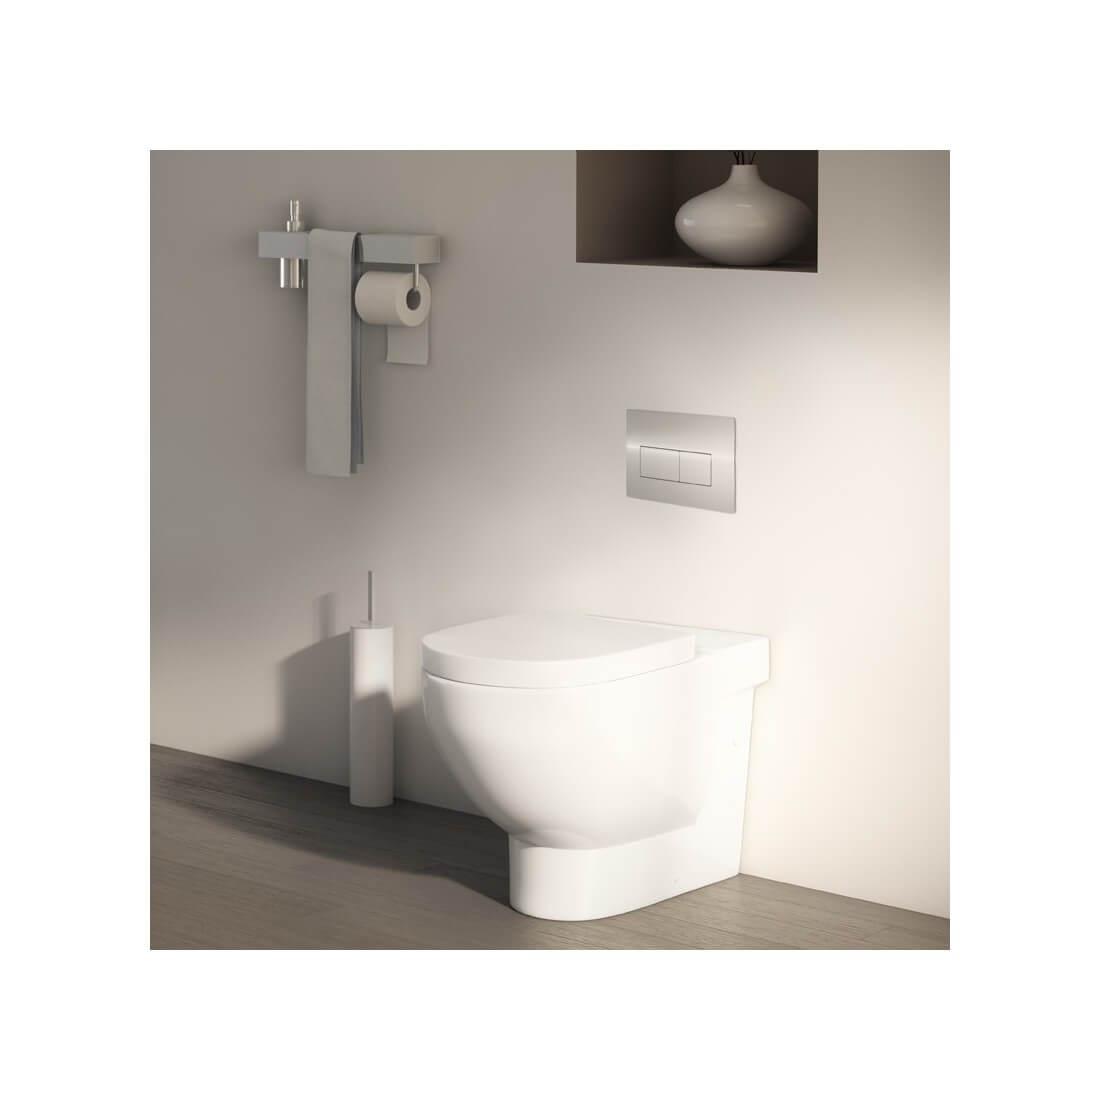 ▷ Comprar wc moderno compacto de Fossil Natura al mejor precio online